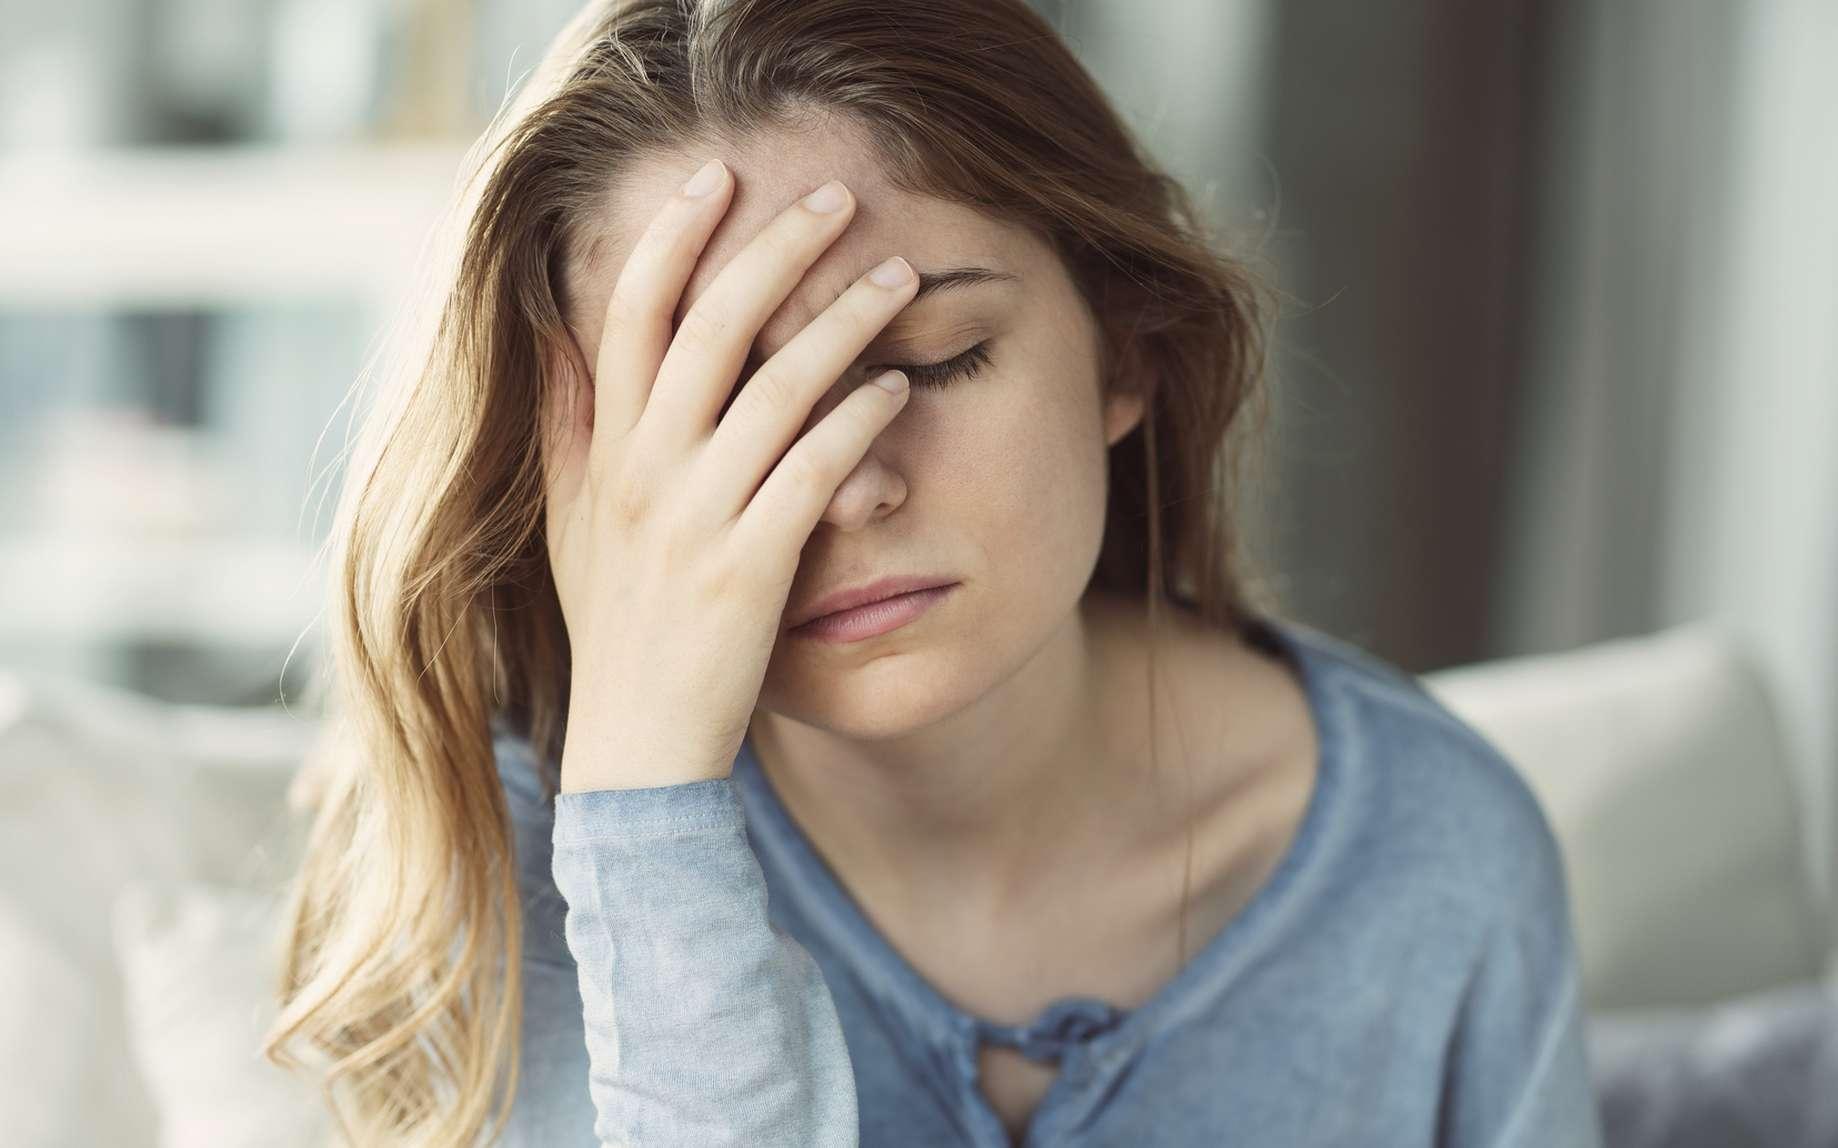 La fibromyalgie, une maladie caractérisée notamment par des douleurs, est encore difficile à diagnostiquer. © Sebra, Fotolia